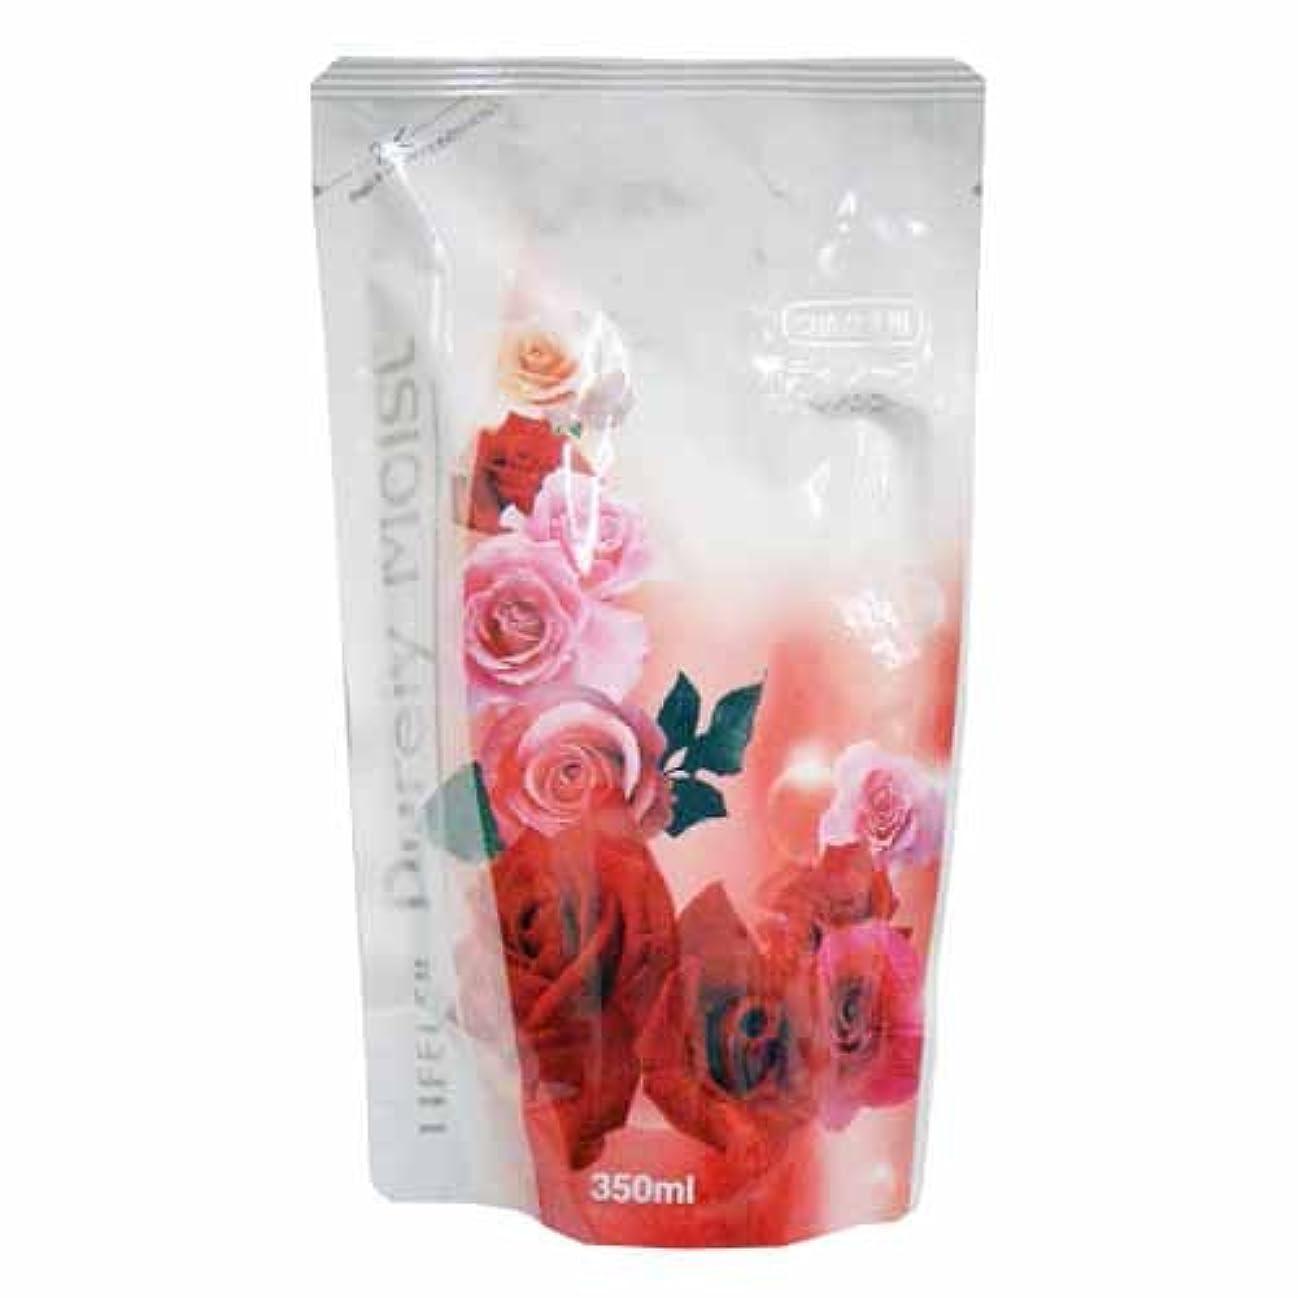 ステップ郵便番号絶滅させるコーナンオリジナル Purely Moist ボディソープ ブルガリアンローズの香り つめかえ用 350ml